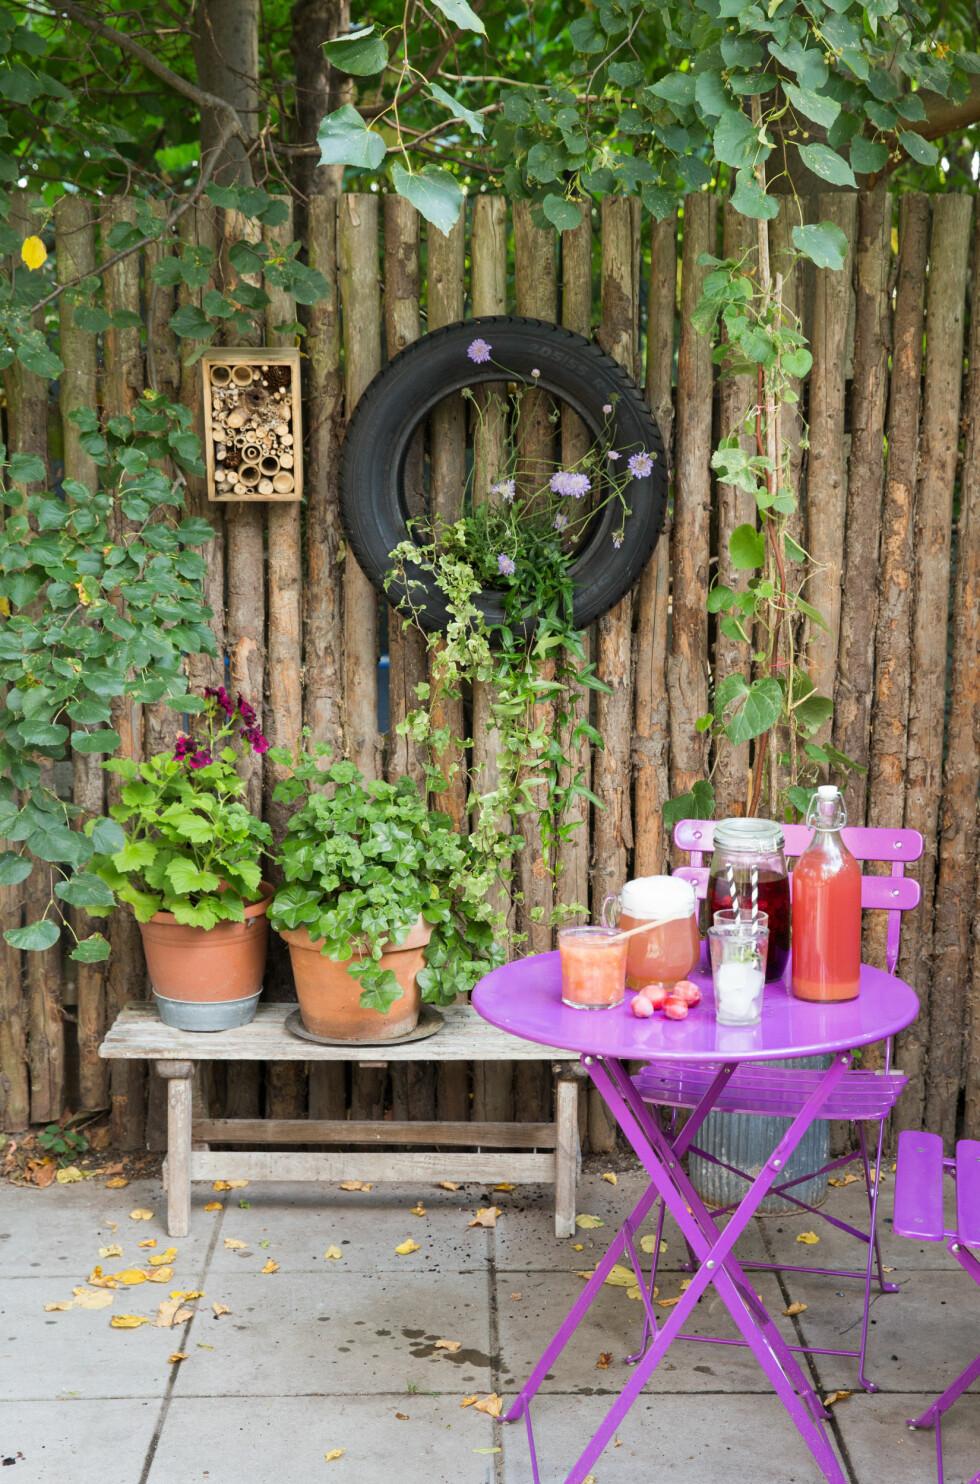 KREATIV PYNT: ET bildekk kan faktisk pynte opp i hagen! Foto: All Over Press